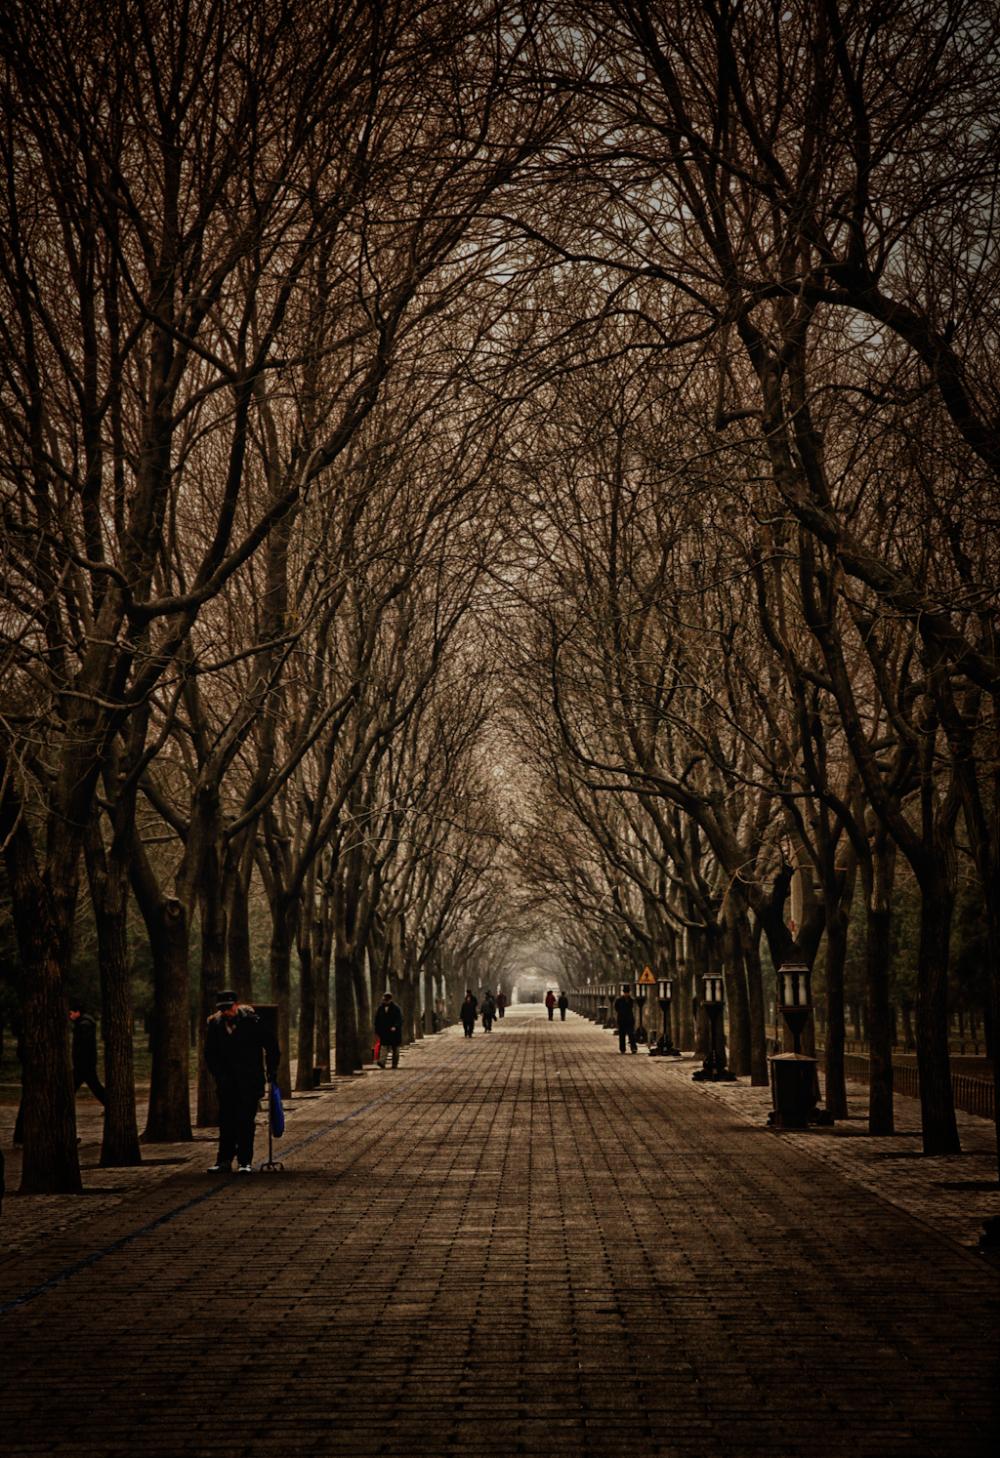 Near the Temple of Heaven in Beijing